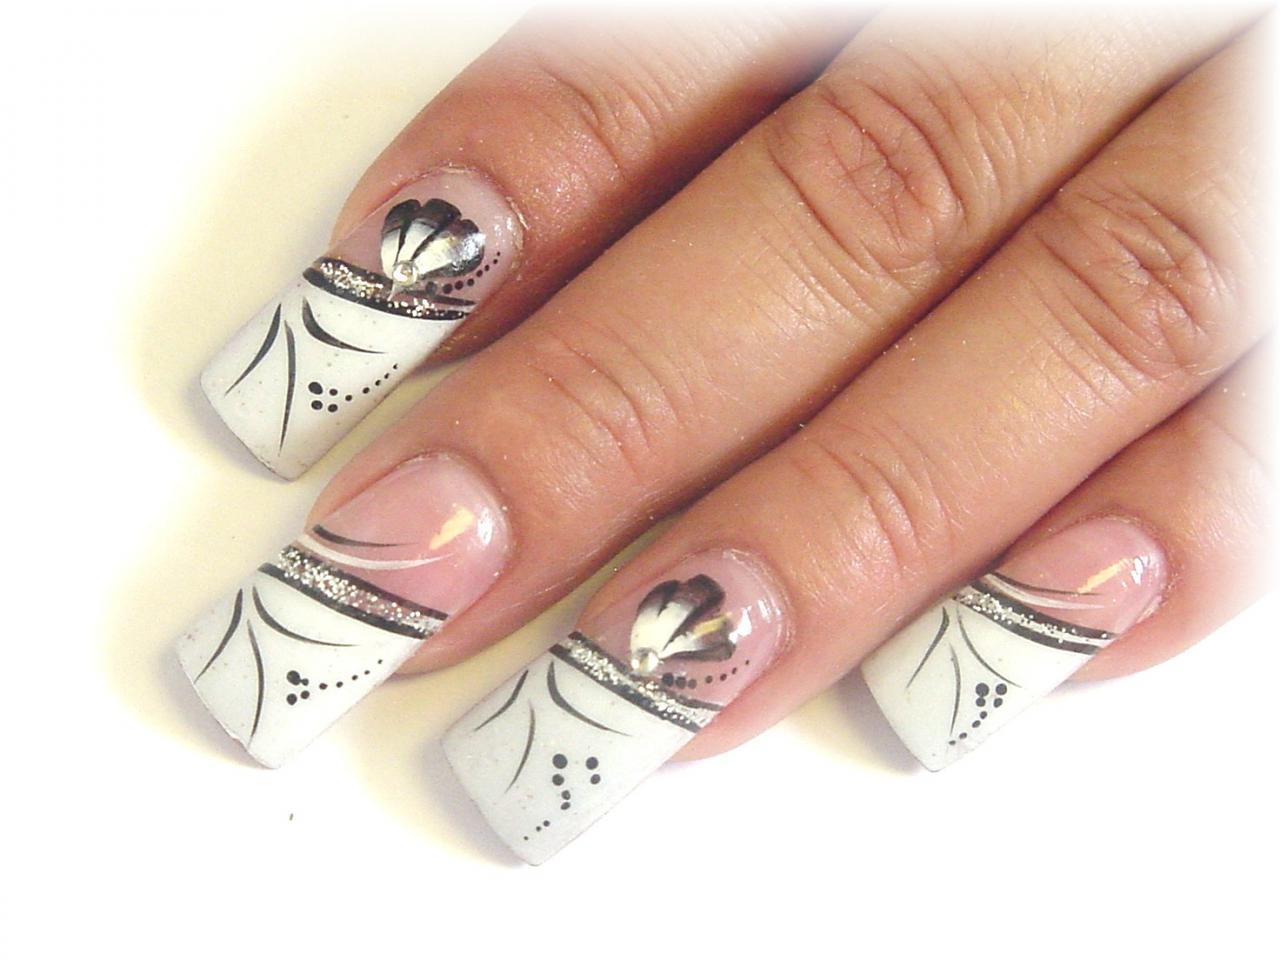 awesome nail art - Nails, Nail Art Wallpaper (23708310) - Fanpop